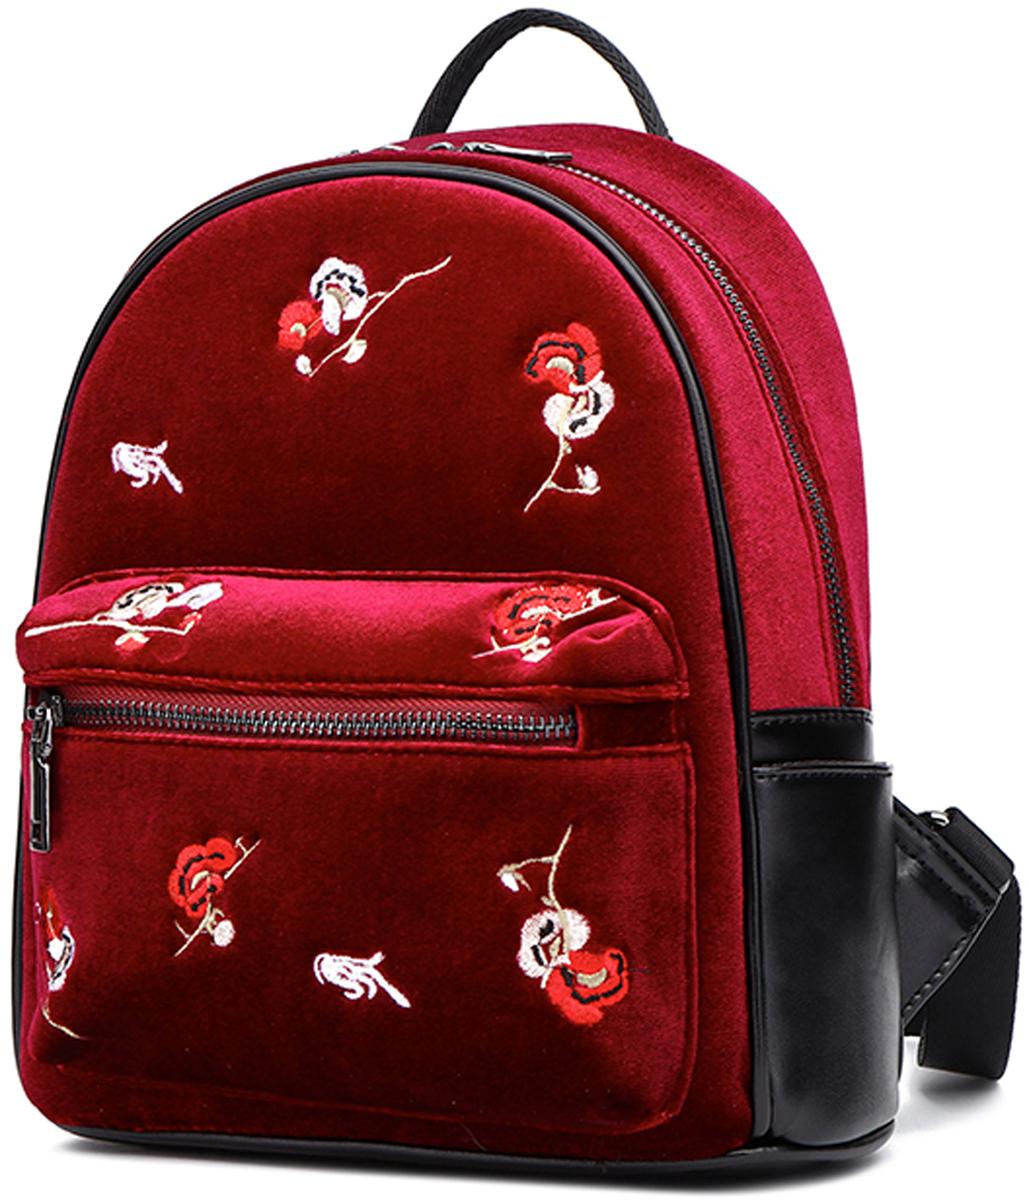 Рюкзак женский DDA, цвет: красный. DDA LB-2063RD